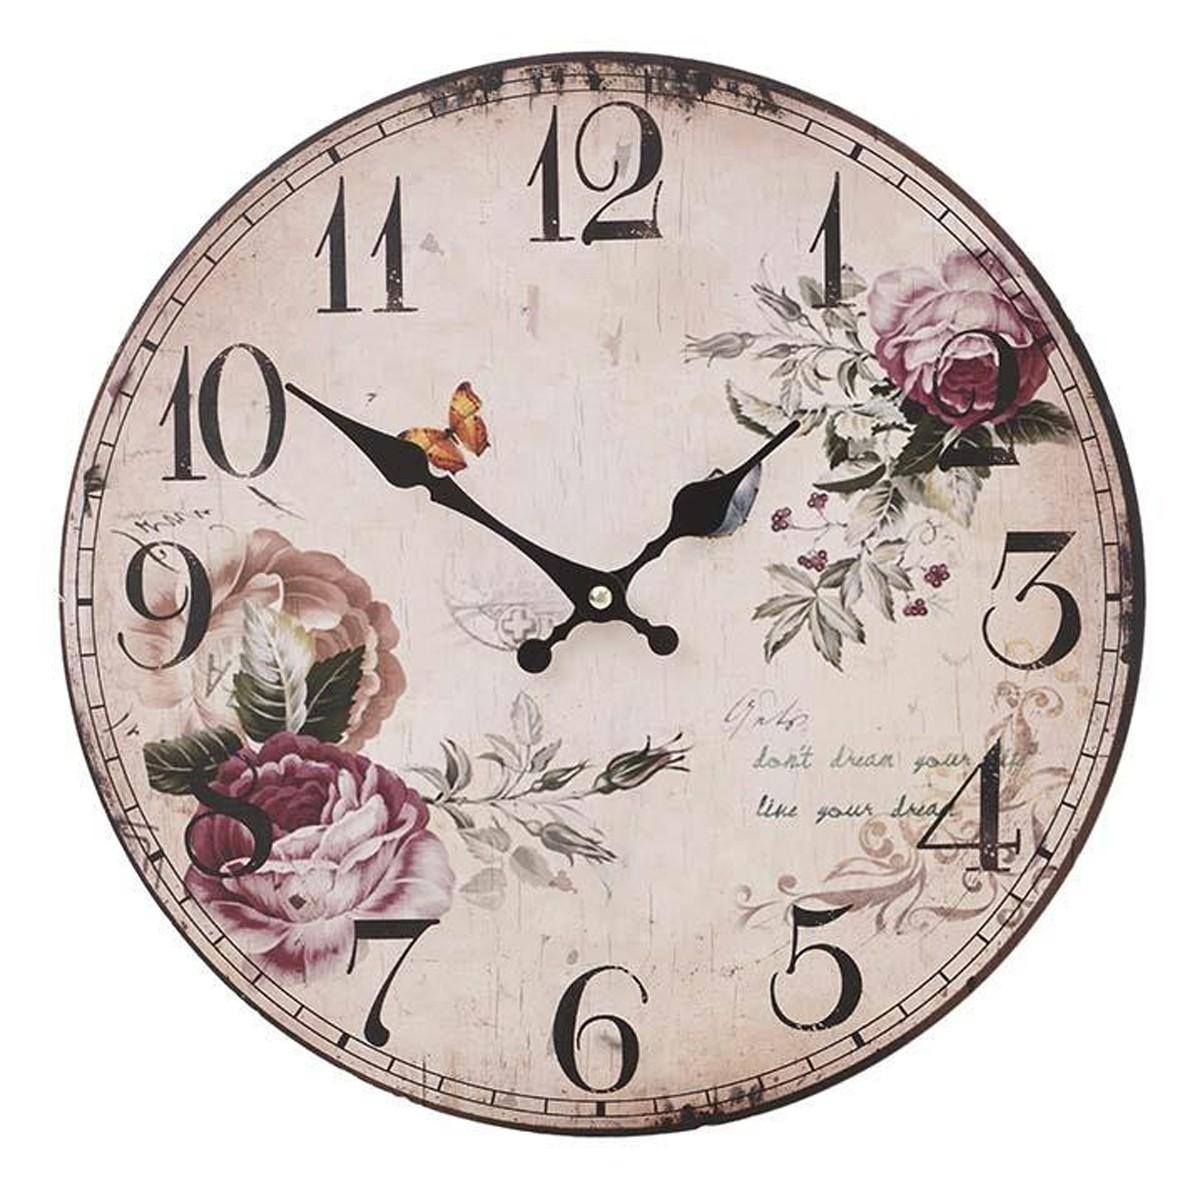 Ρολόι Τοίχου InArt 3-20-484-0381 home   διακόσμηση   ρολόγια